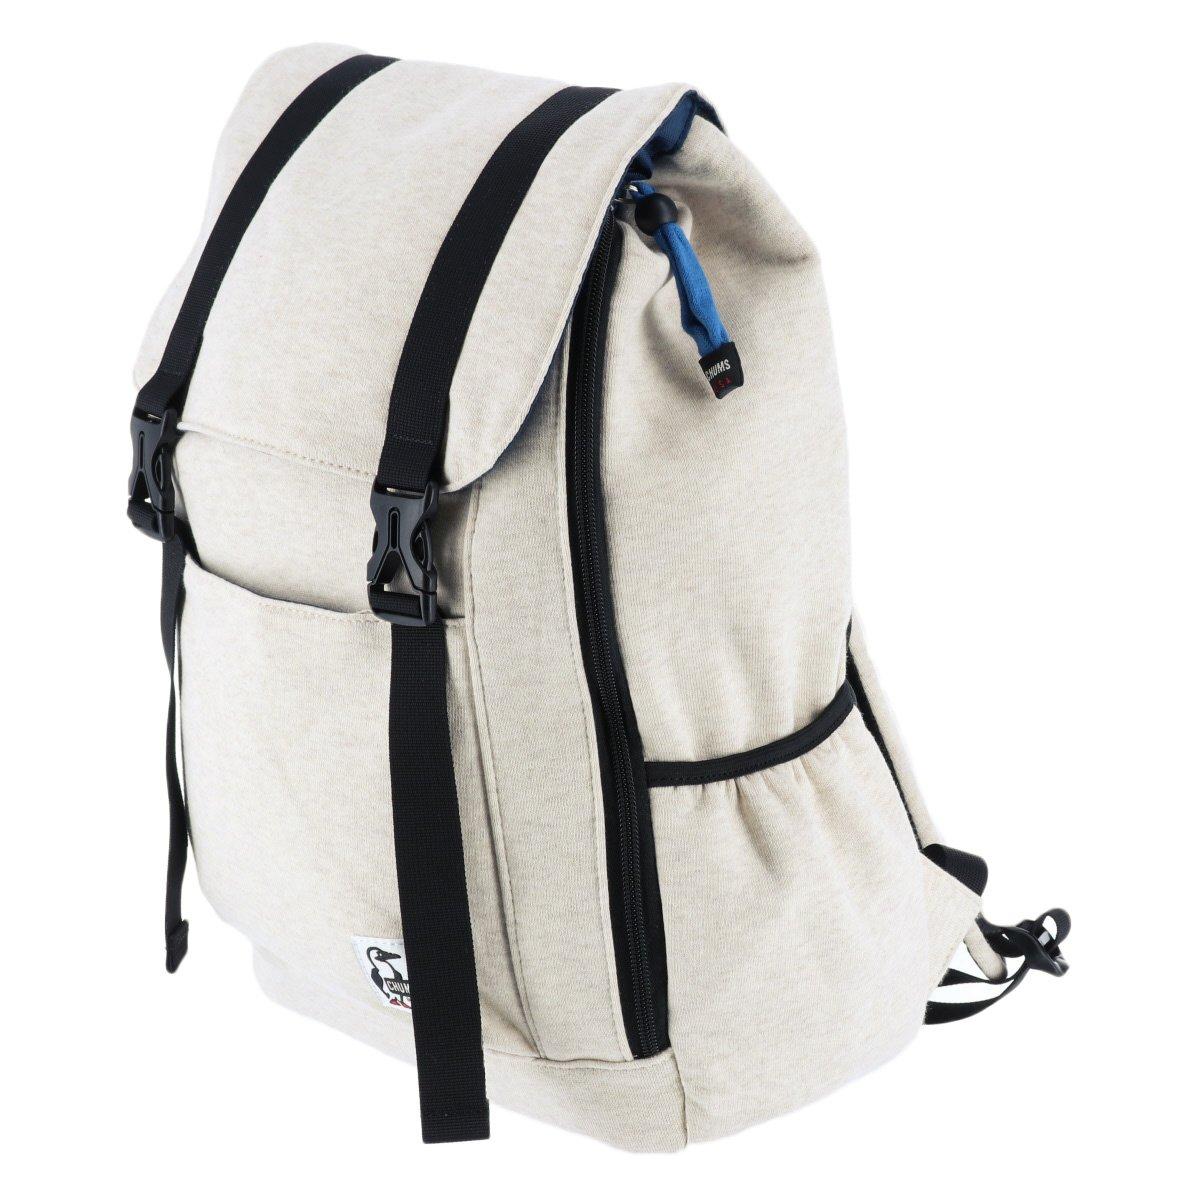 a48a704ace78 [チャムス] リュック Flap Day Pack Sweat CH60-2076-0118-00 B072P24PFD 7.ヘザーナチュラル  7.ヘザーナチュラル -メンズ